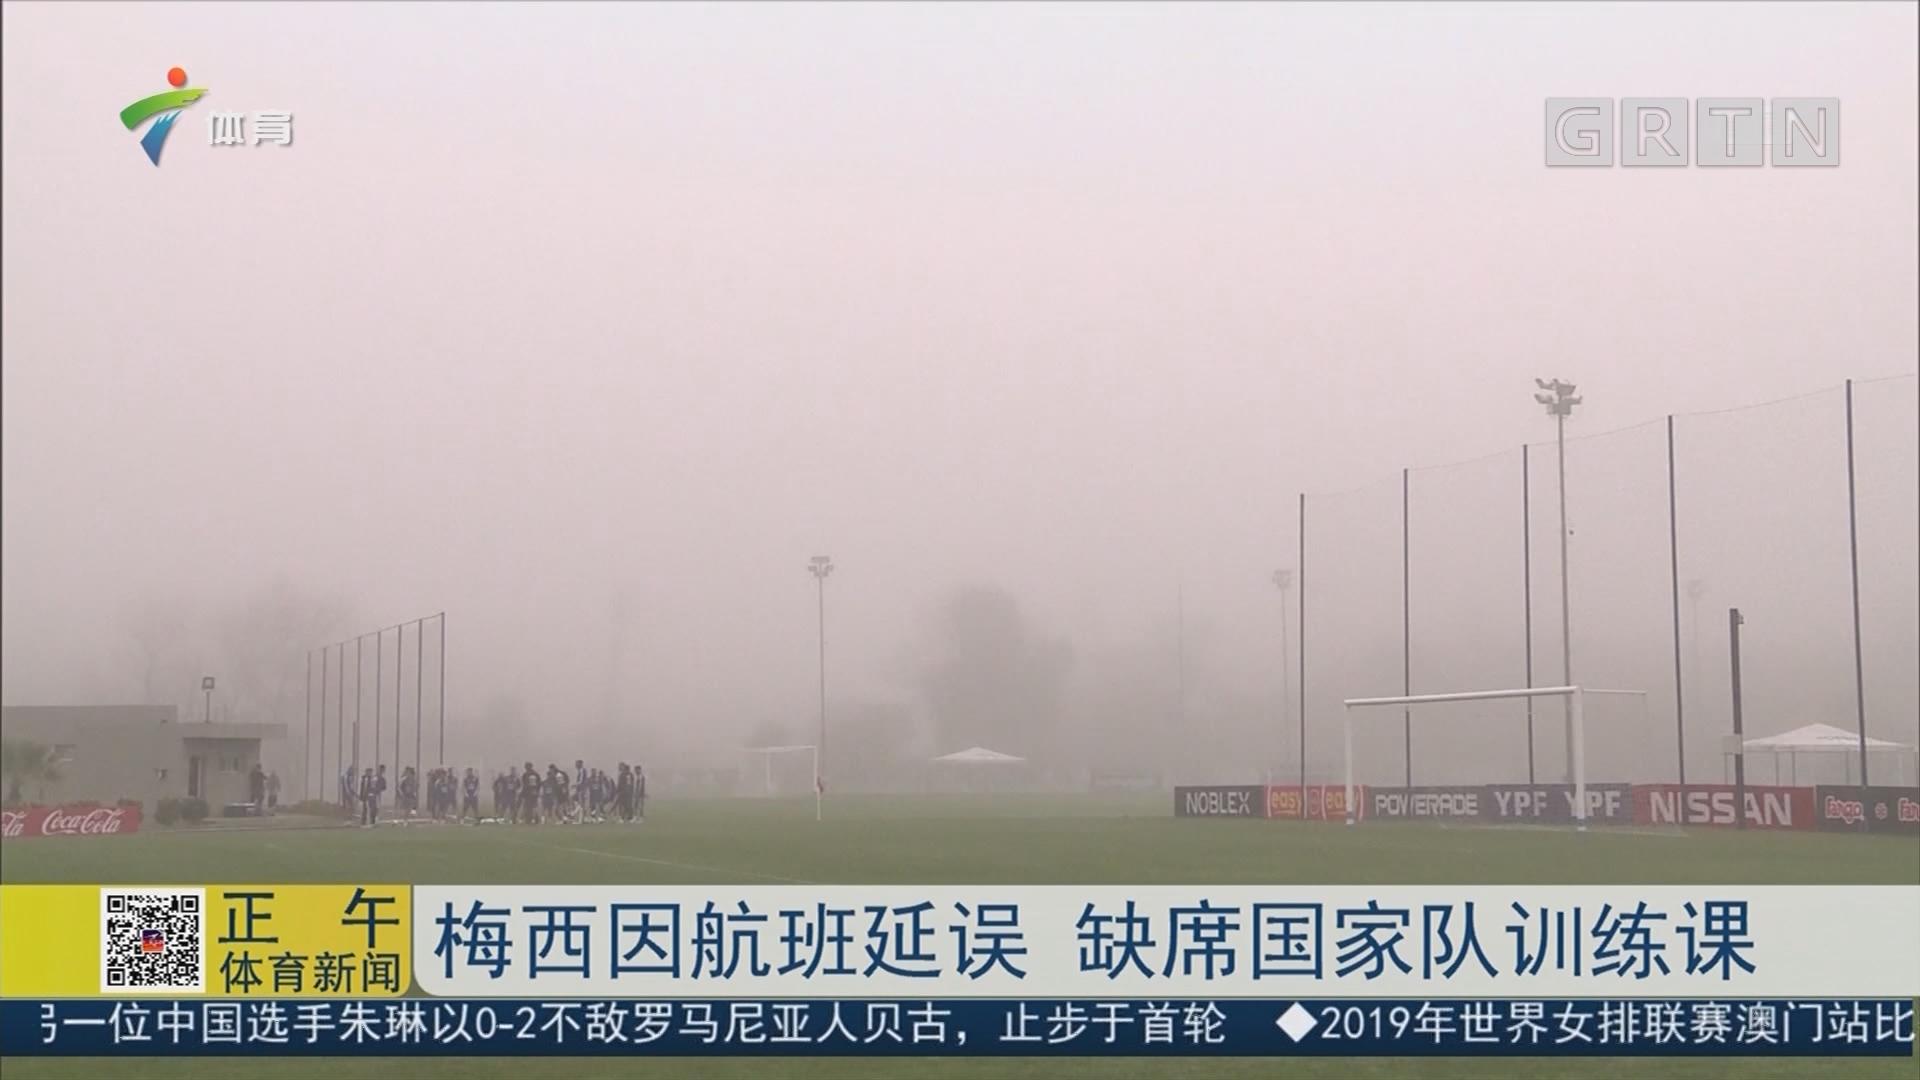 梅西因航班延误 缺席国家队训练课